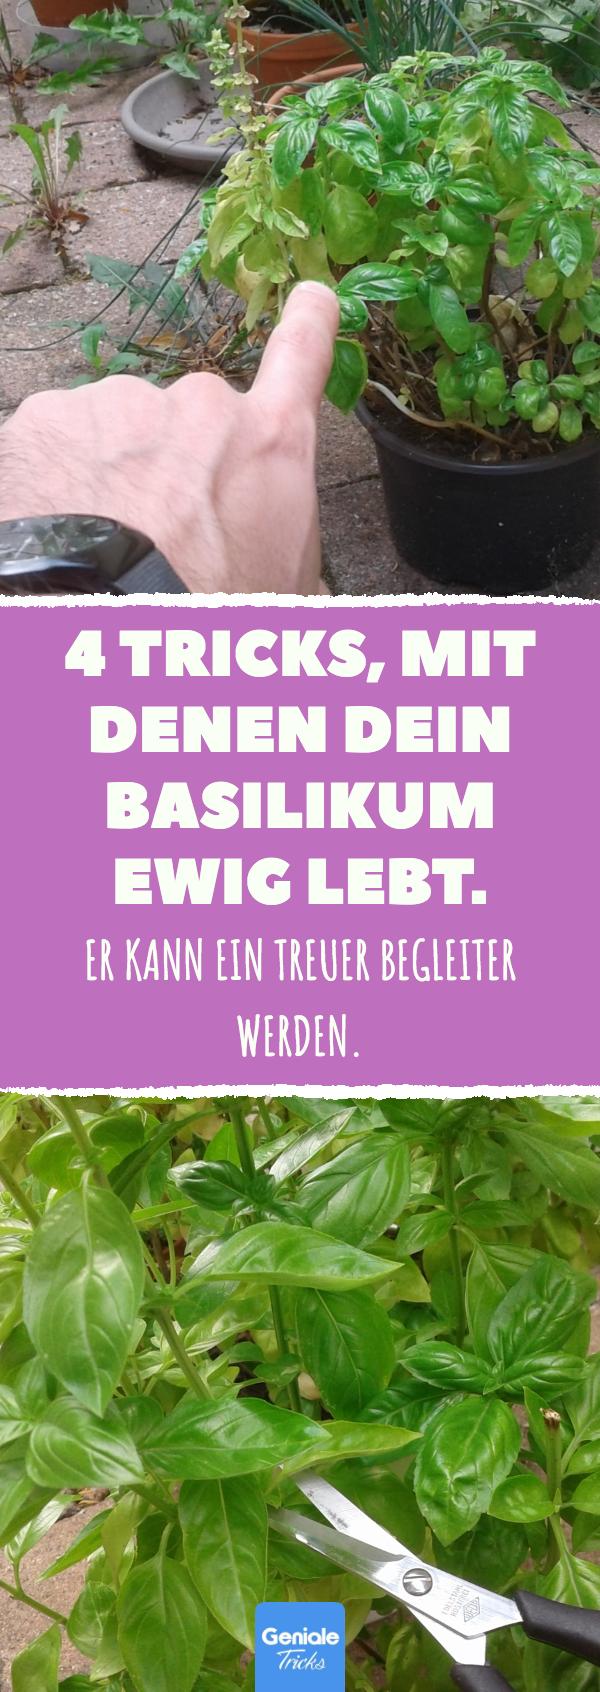 Photo of 4 Tricks, mit denen dein Basilikum ewig lebt